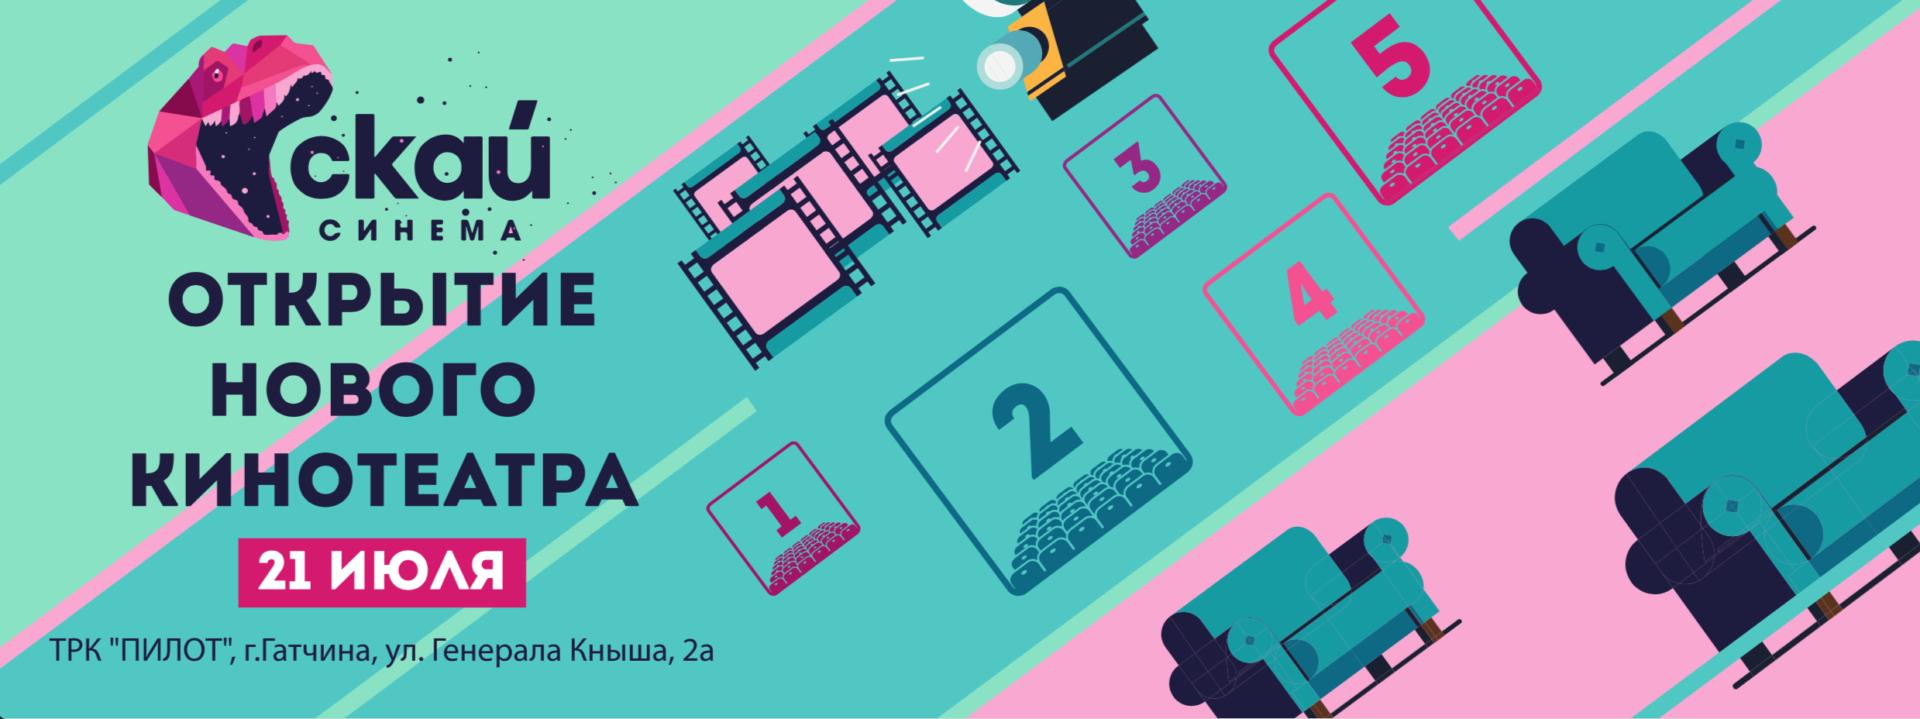 Sky Cinema - новый кинотеатр в Гатчине